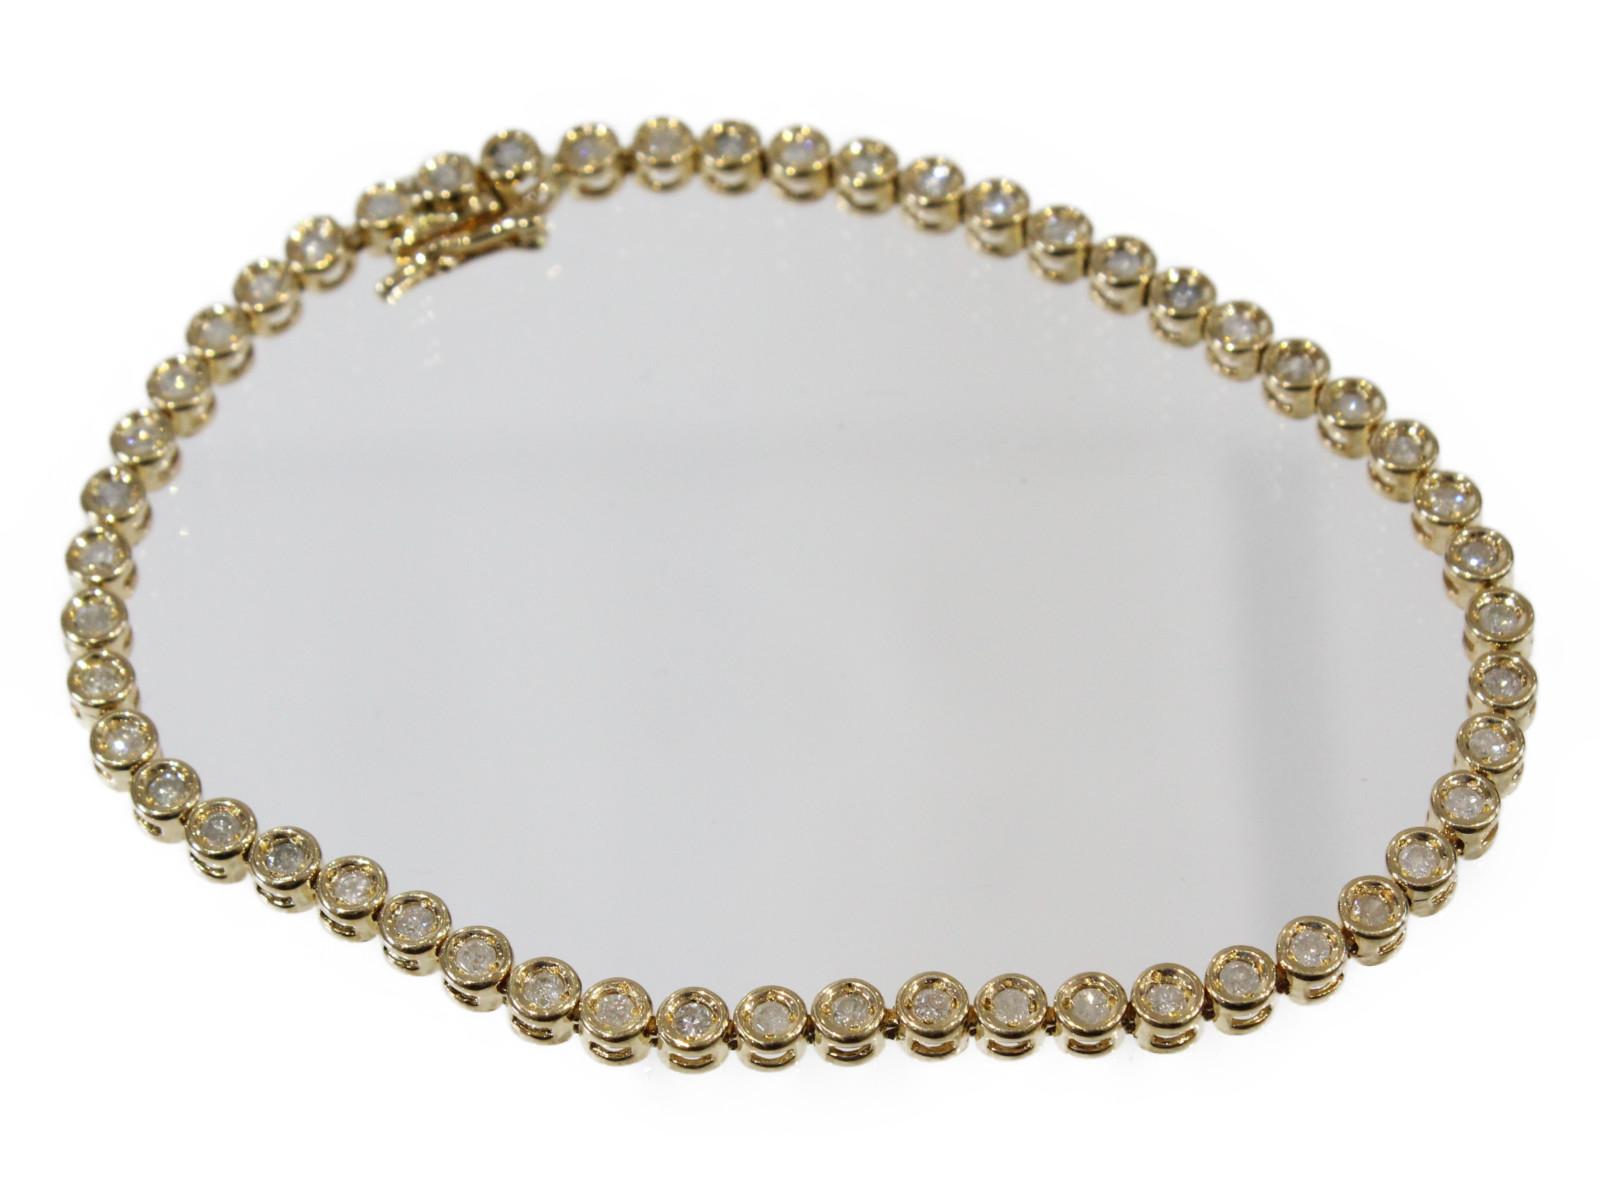 【☆新品仕上げ済☆】テニスブレスレットダイヤモンド1.23ct K1810.3g 18cm ゴージャス 人気ギフト包装可 【中古】